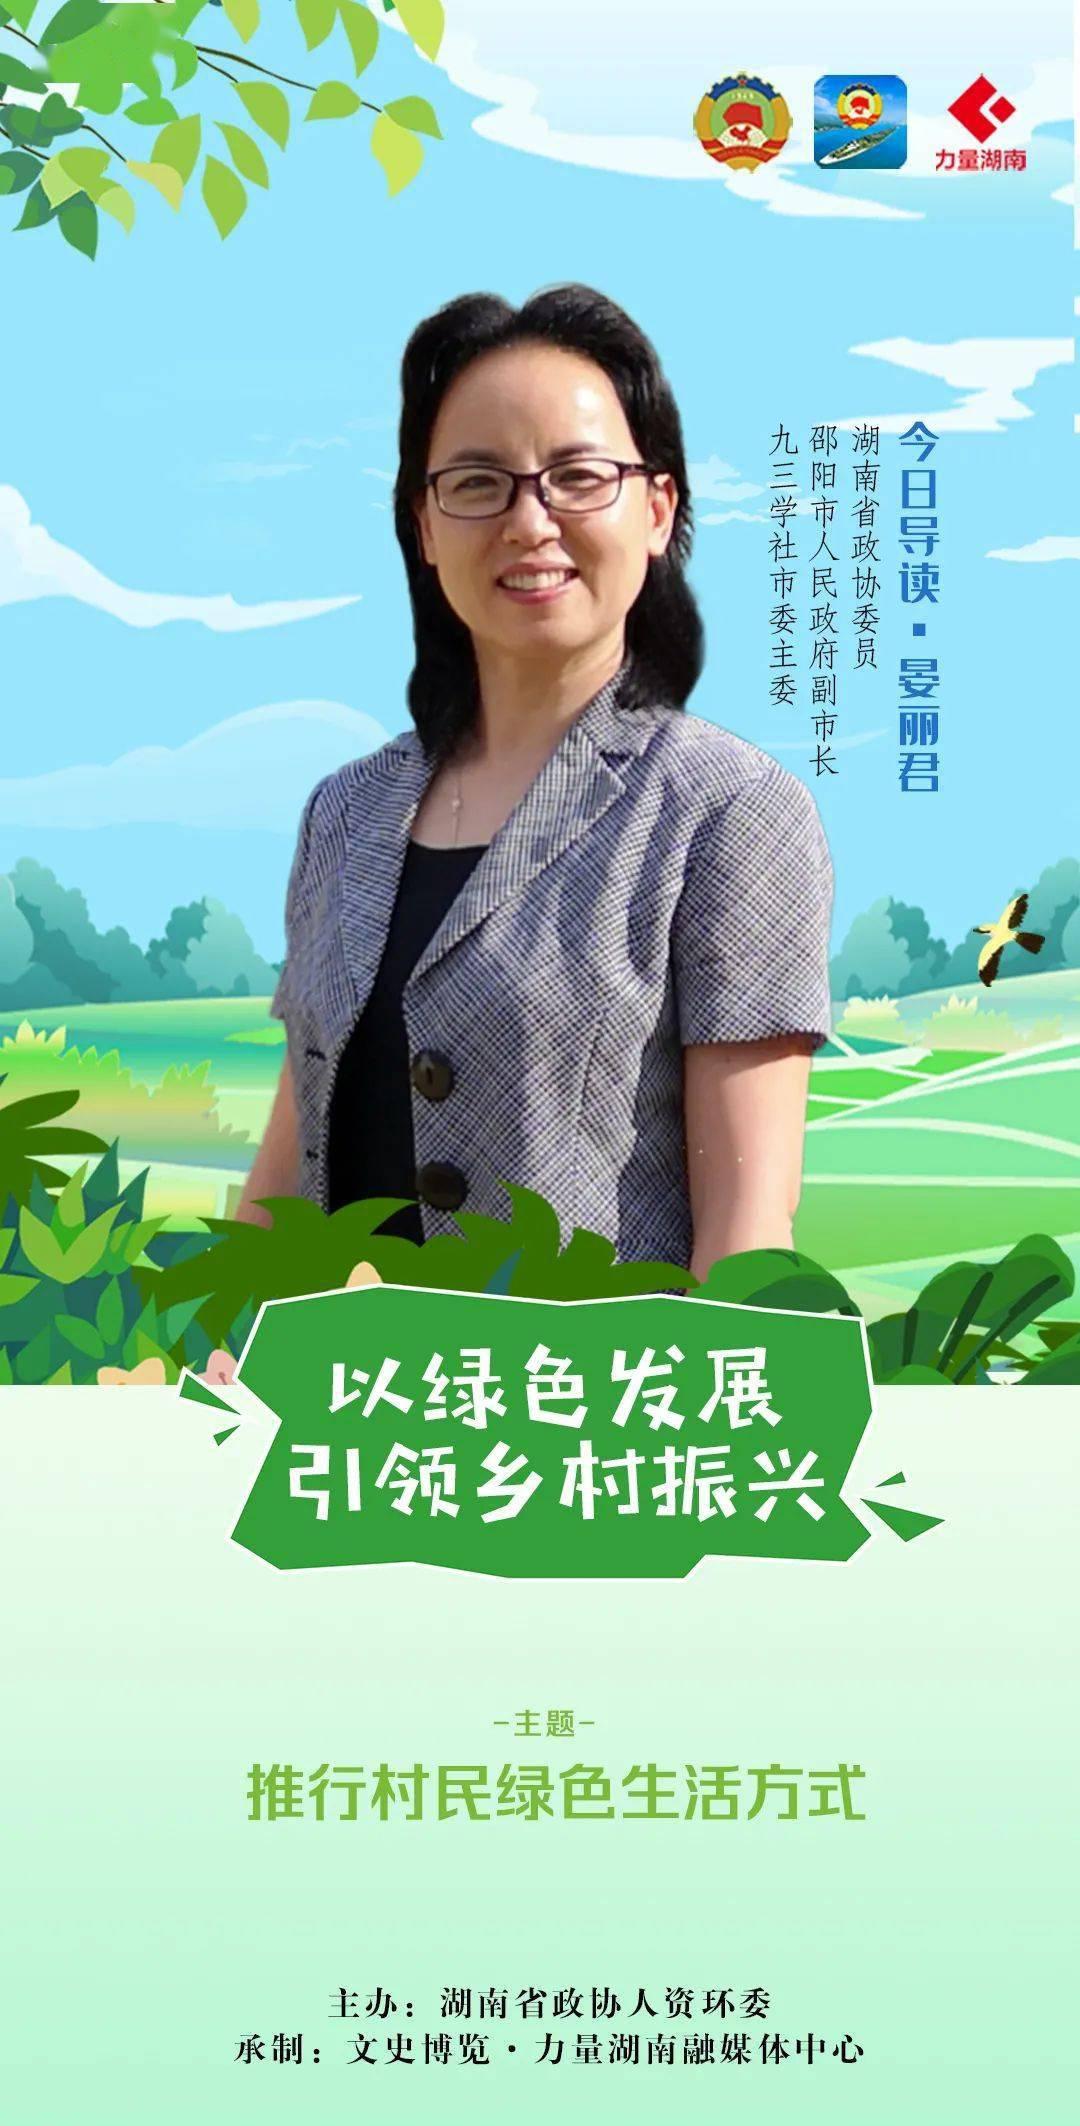 推行村民绿色生活方式,人居环境和村民自驱力是关键|委员读书